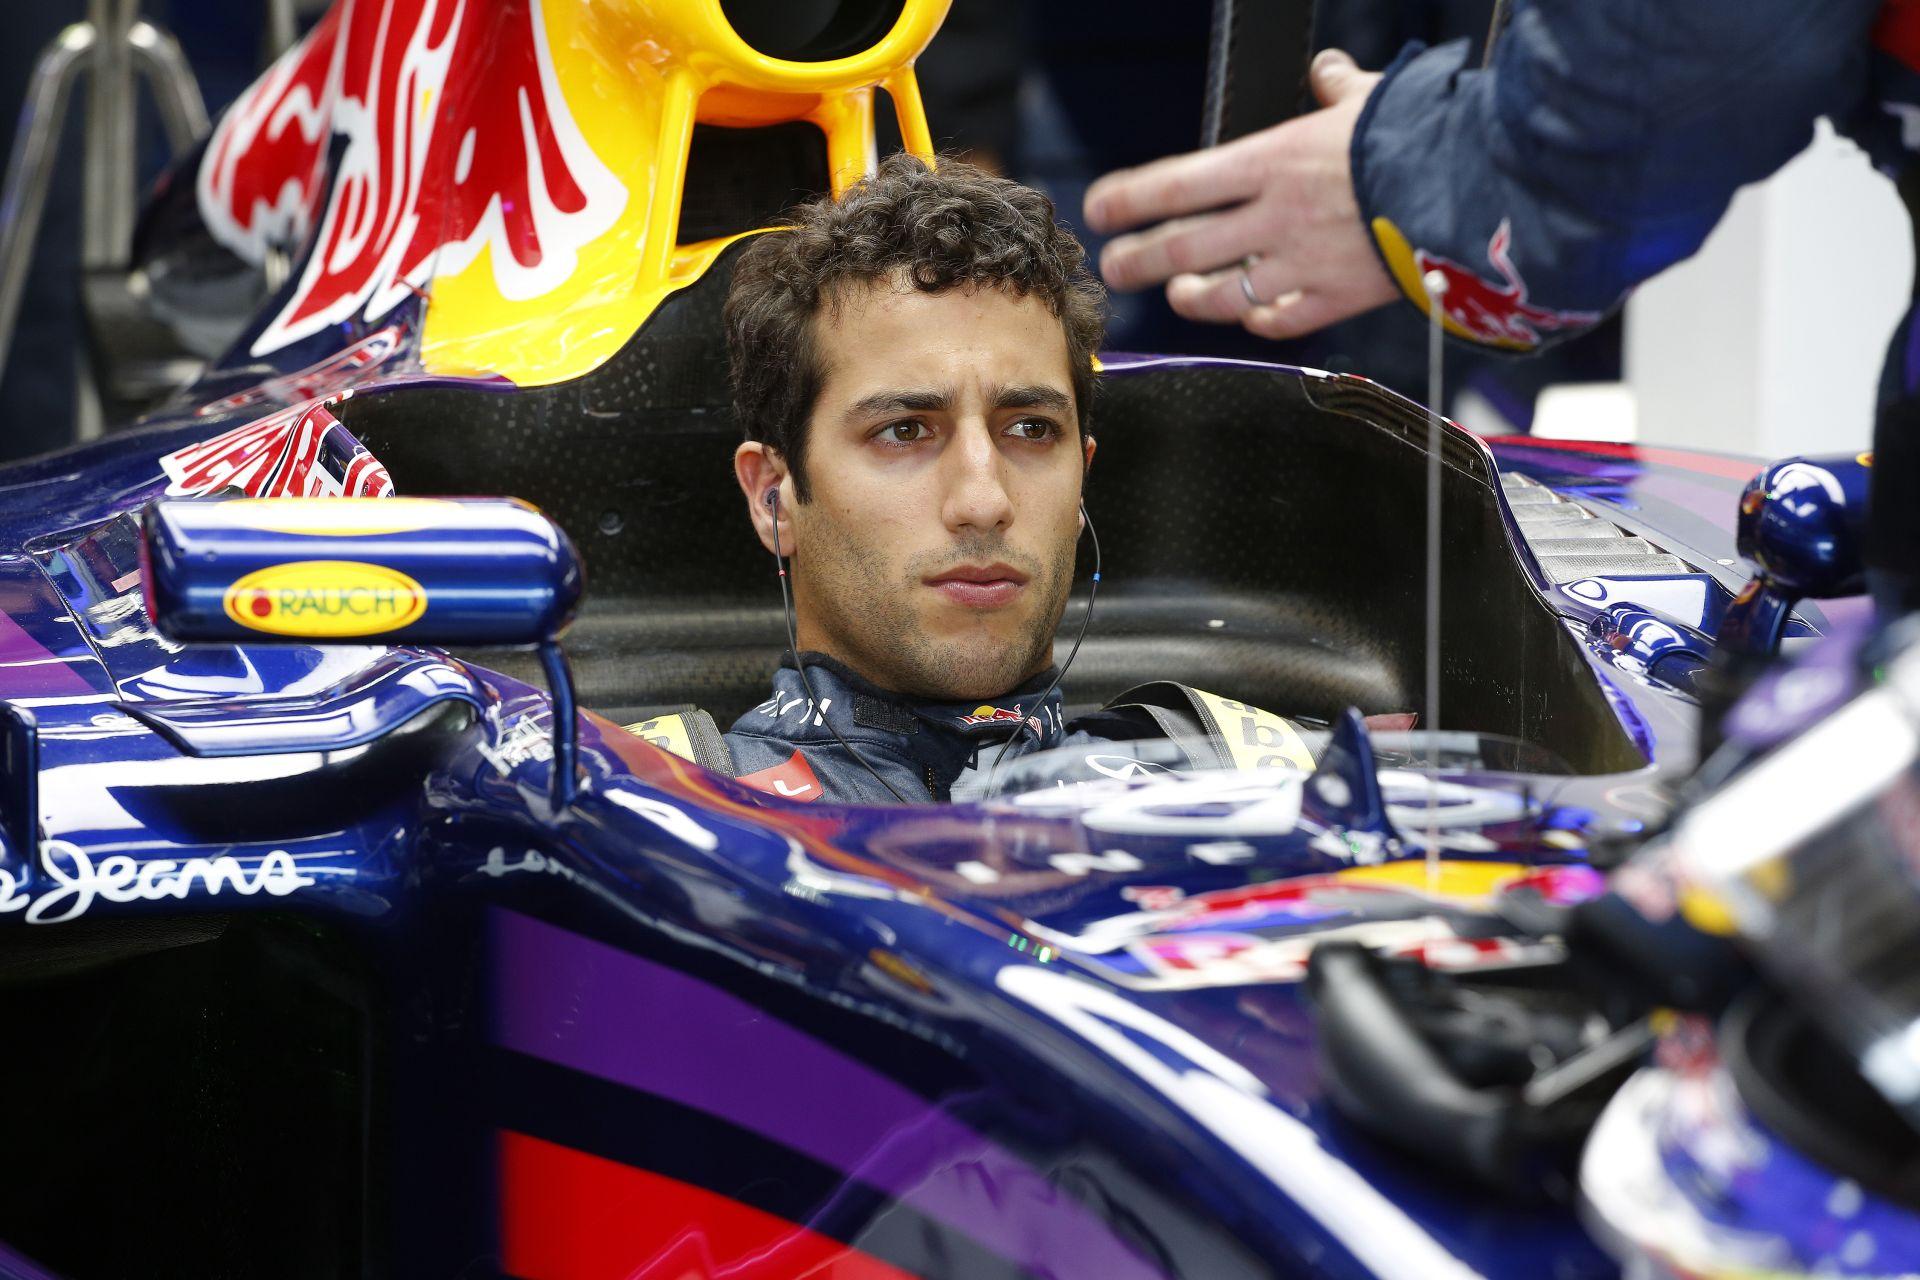 Ricciardo: Szép lenne Vettel előtt maradni, de ez nem lesz könnyű